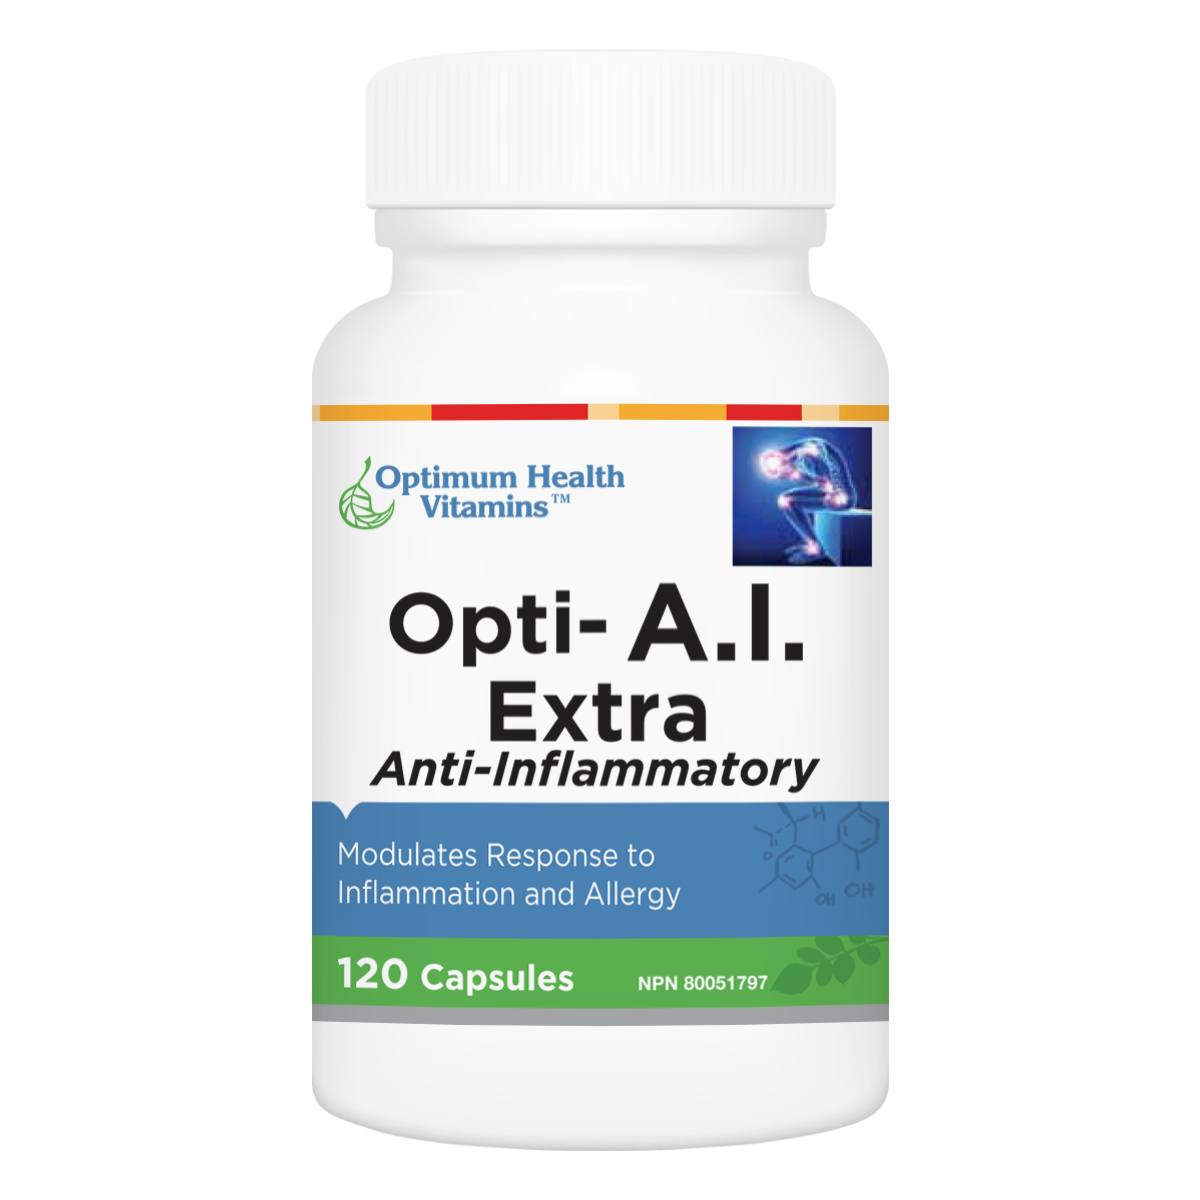 Opti-AI-Extra